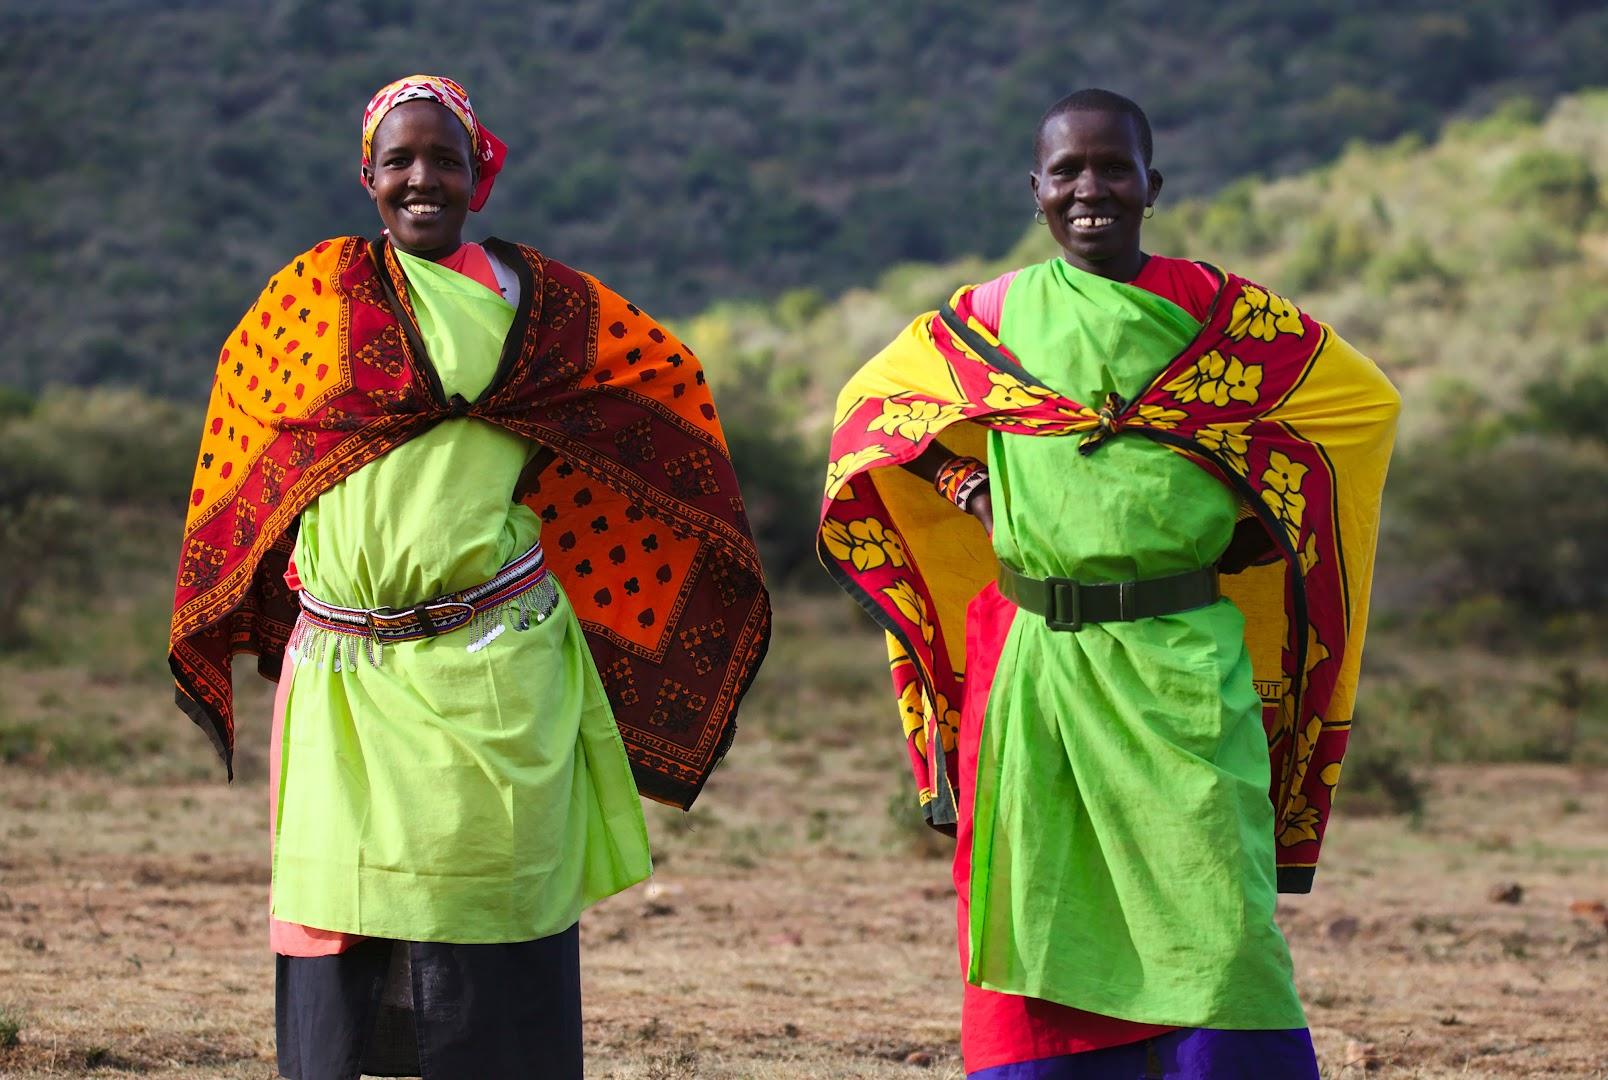 Colorful ladies